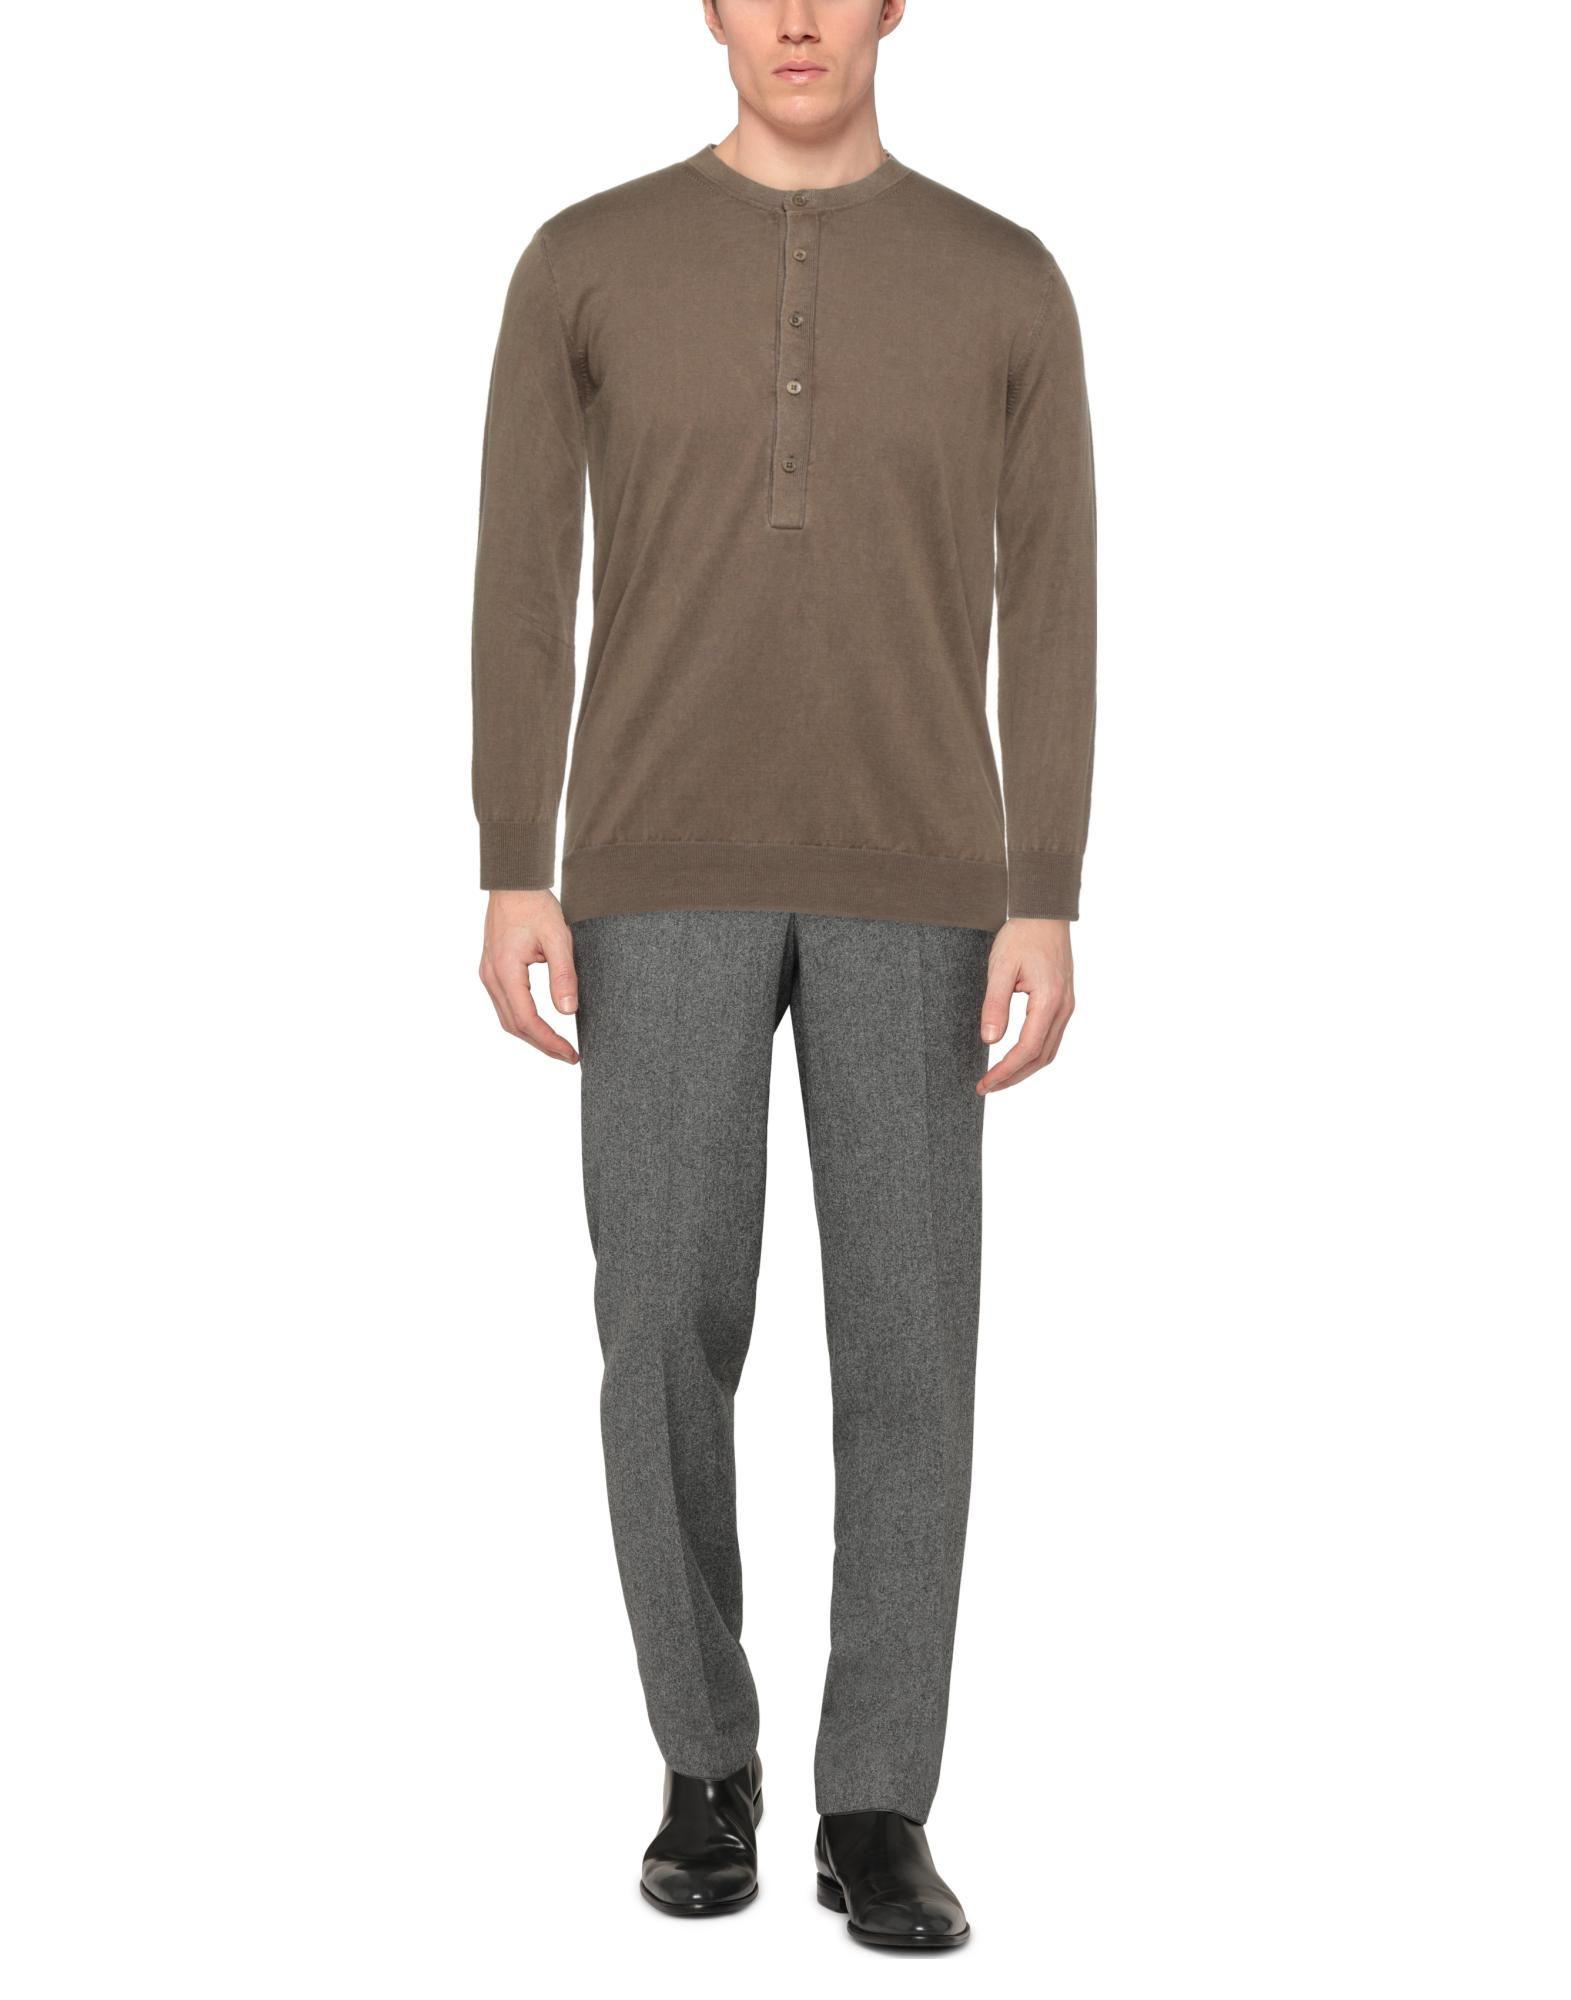 Pullover Pullover Pullover Paolo Pecora Uomo - 39820207II 71887d